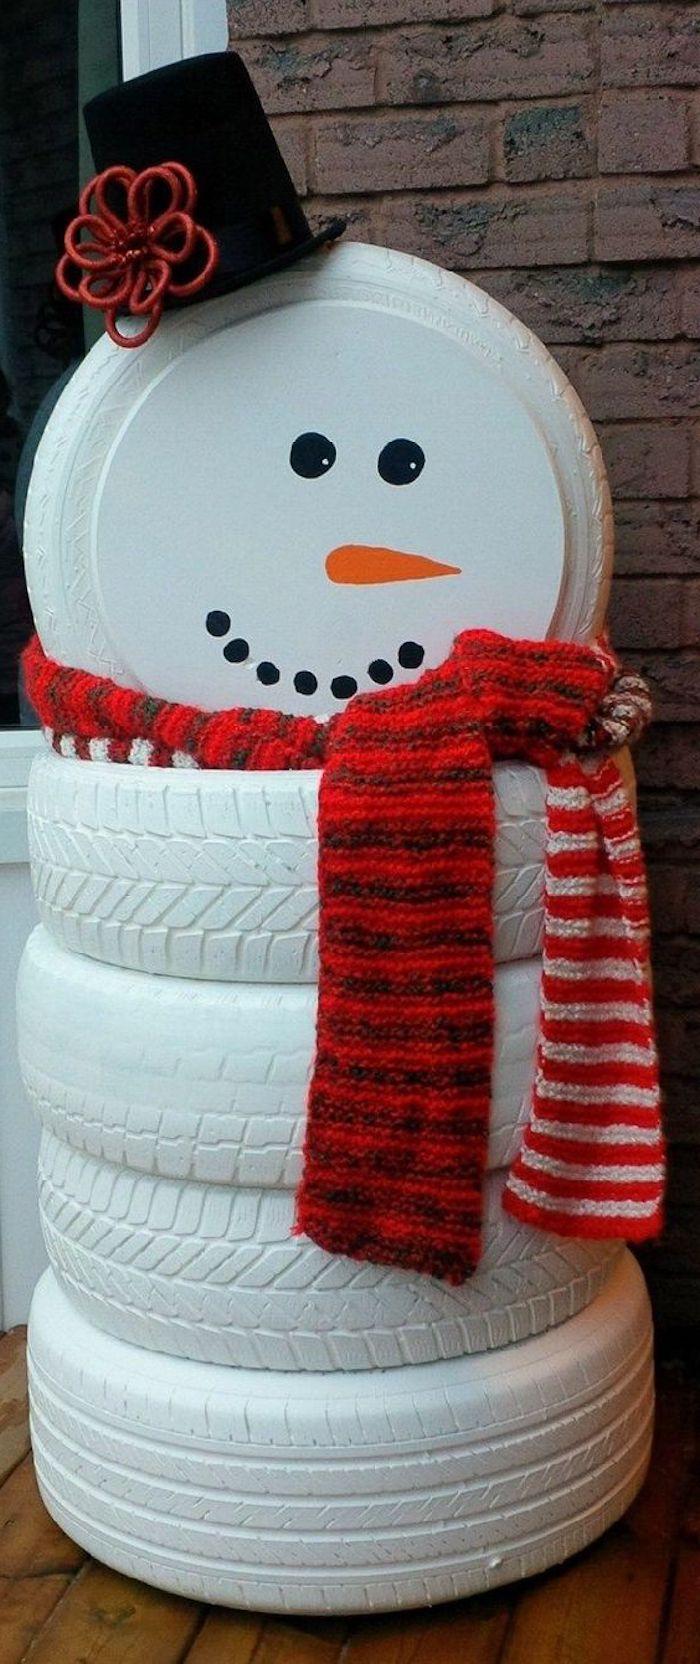 großer schneemann mit einem roten schal, einem schwarzen hut und einer orangen nase - schneemann aus weißen reifen